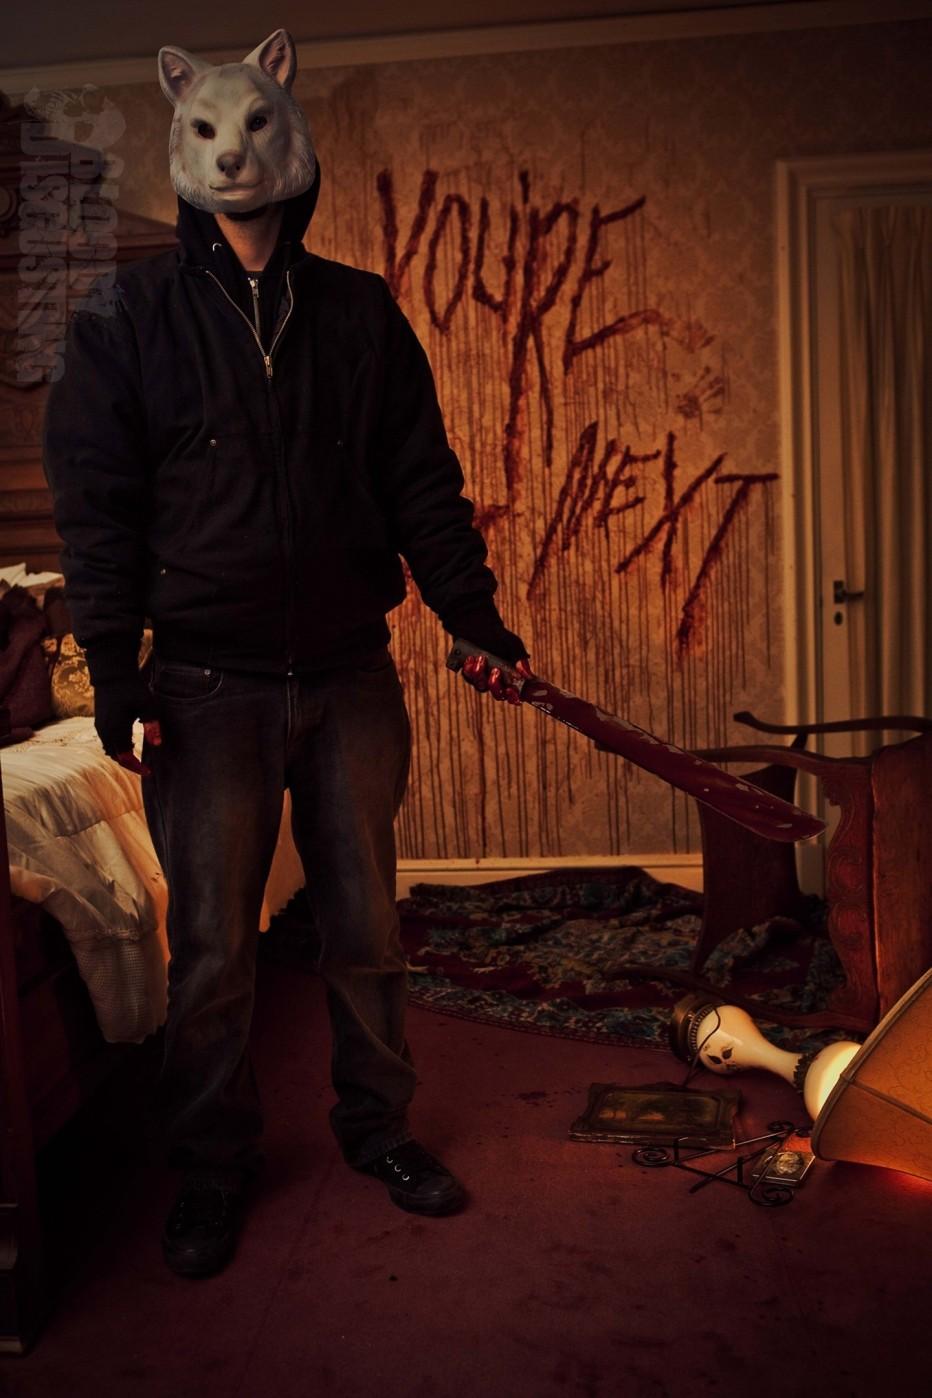 youre-next-2011-adam-wingard-04.jpg